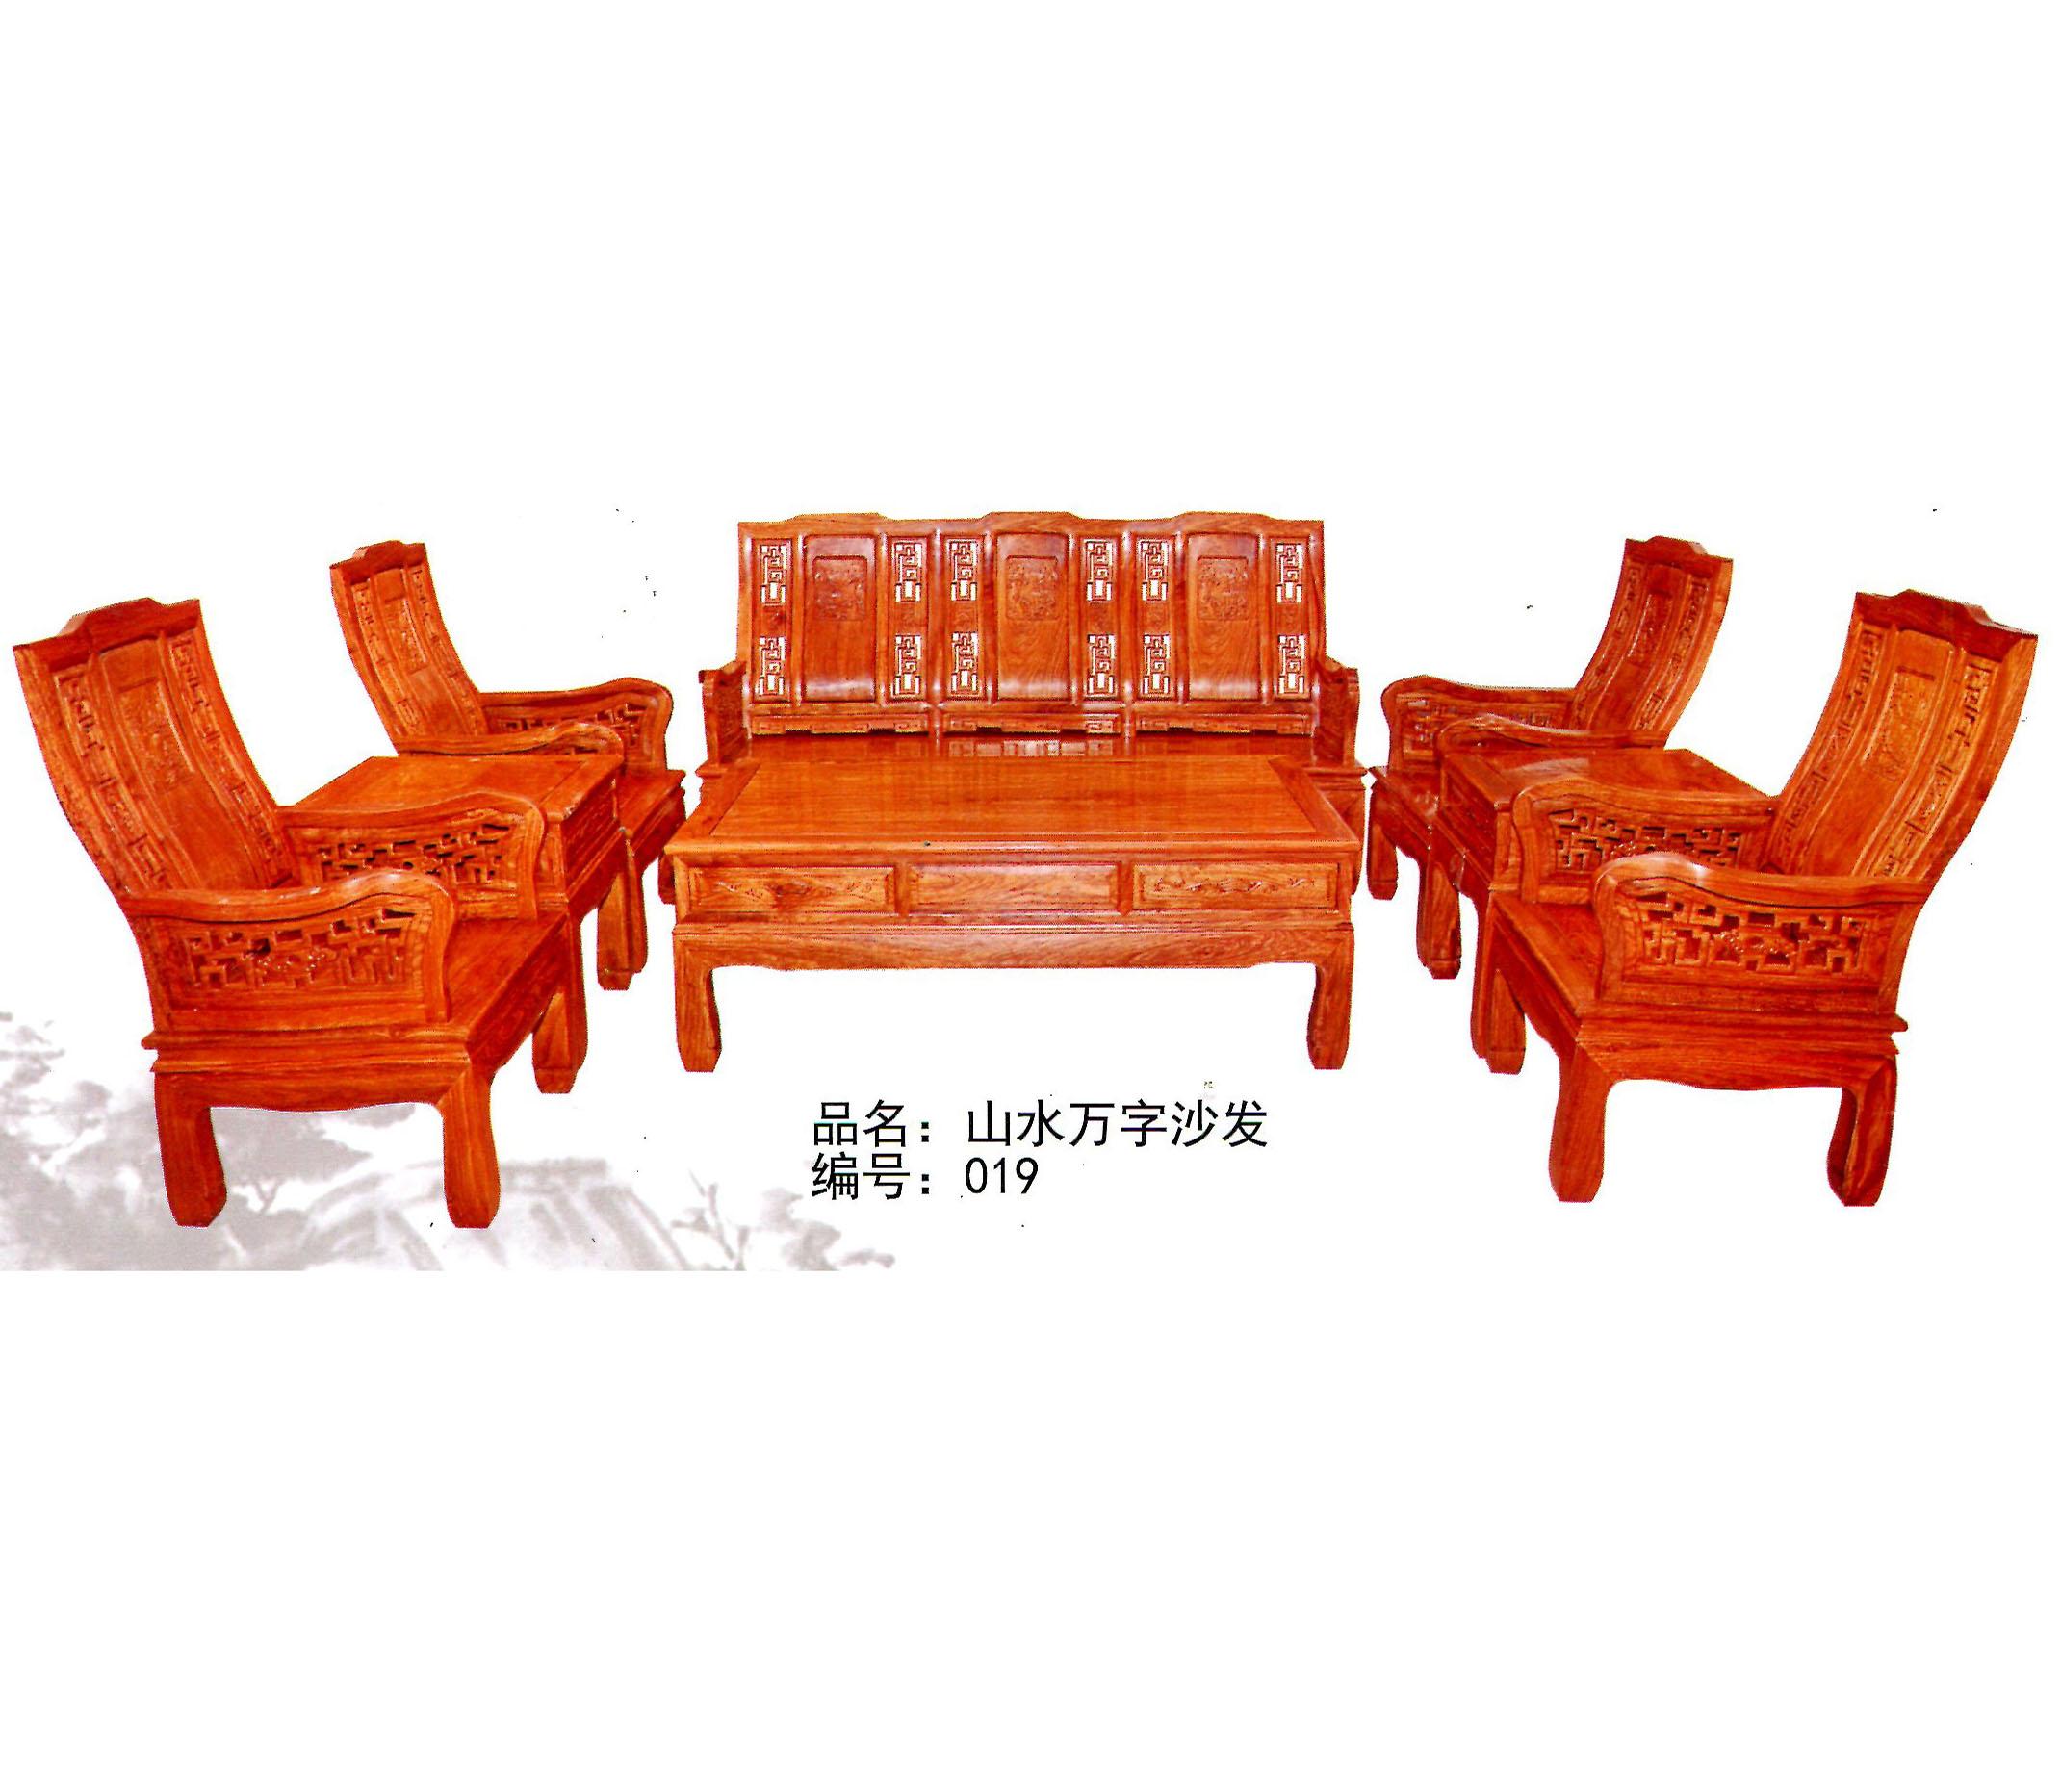 沙发系列-鑫涛古典红木家具